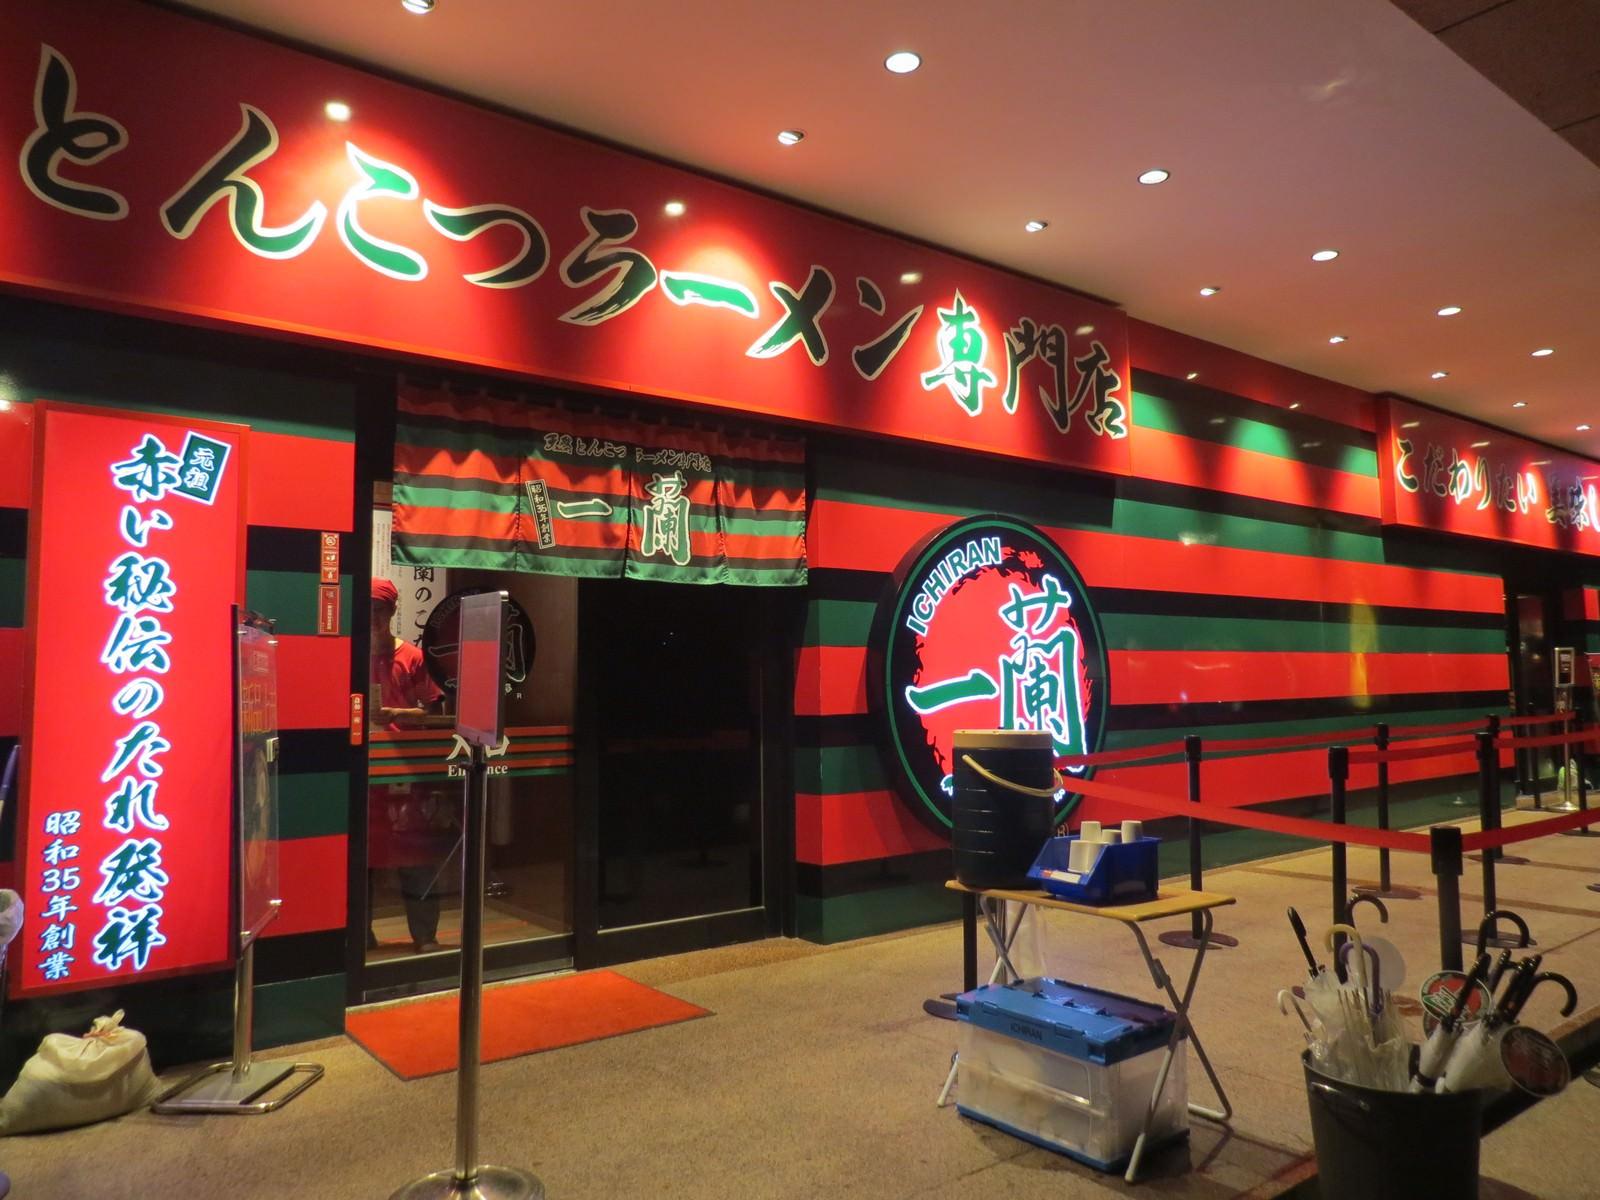 天然豚骨拉麵專門店一蘭@台灣台北本店, 店面